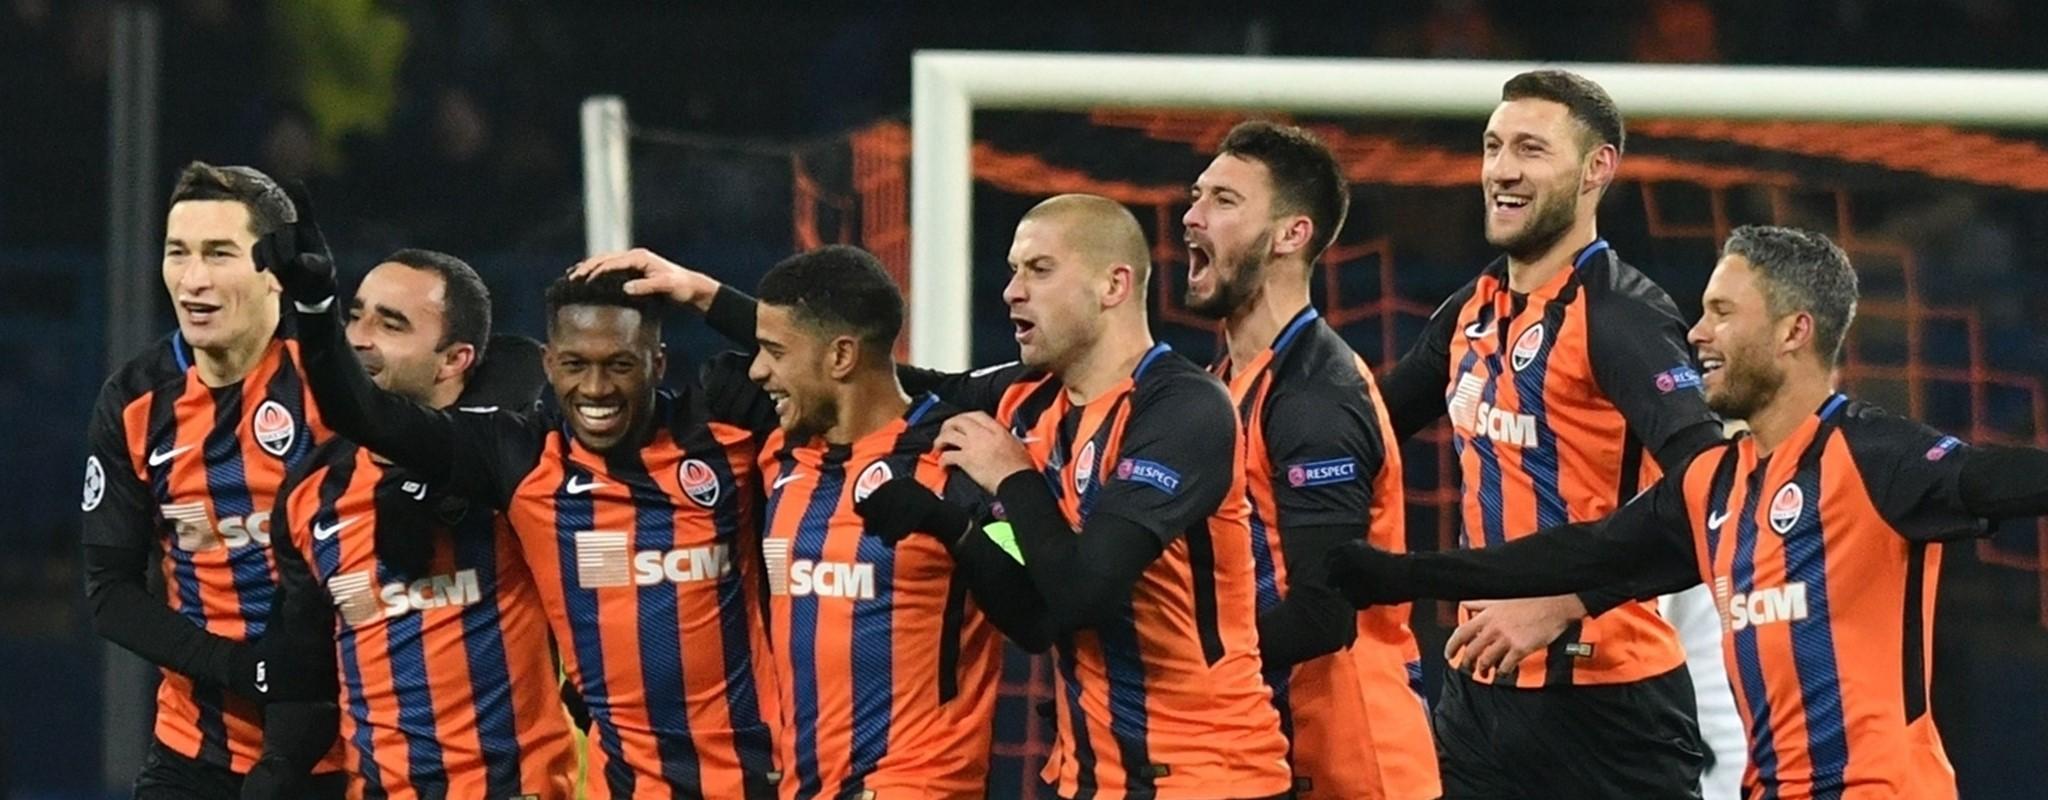 Champions League, dopo 7 anni sarà ancora Roma contro Shakhtar